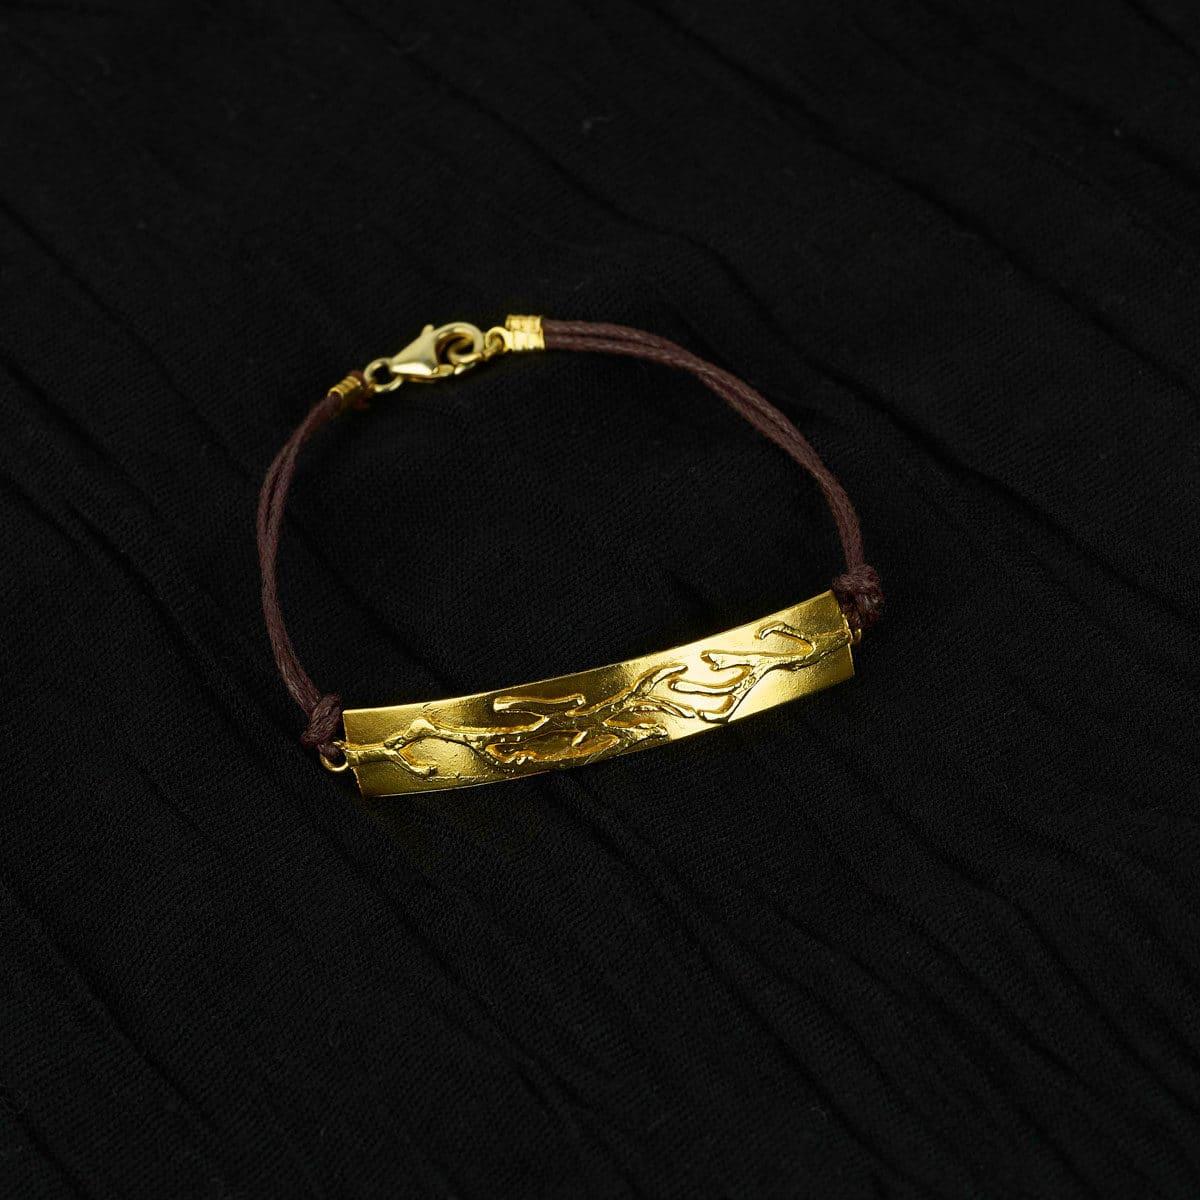 Pulsera de plata de diseño modelo Outono con baño de oro. Joyas Siliva.